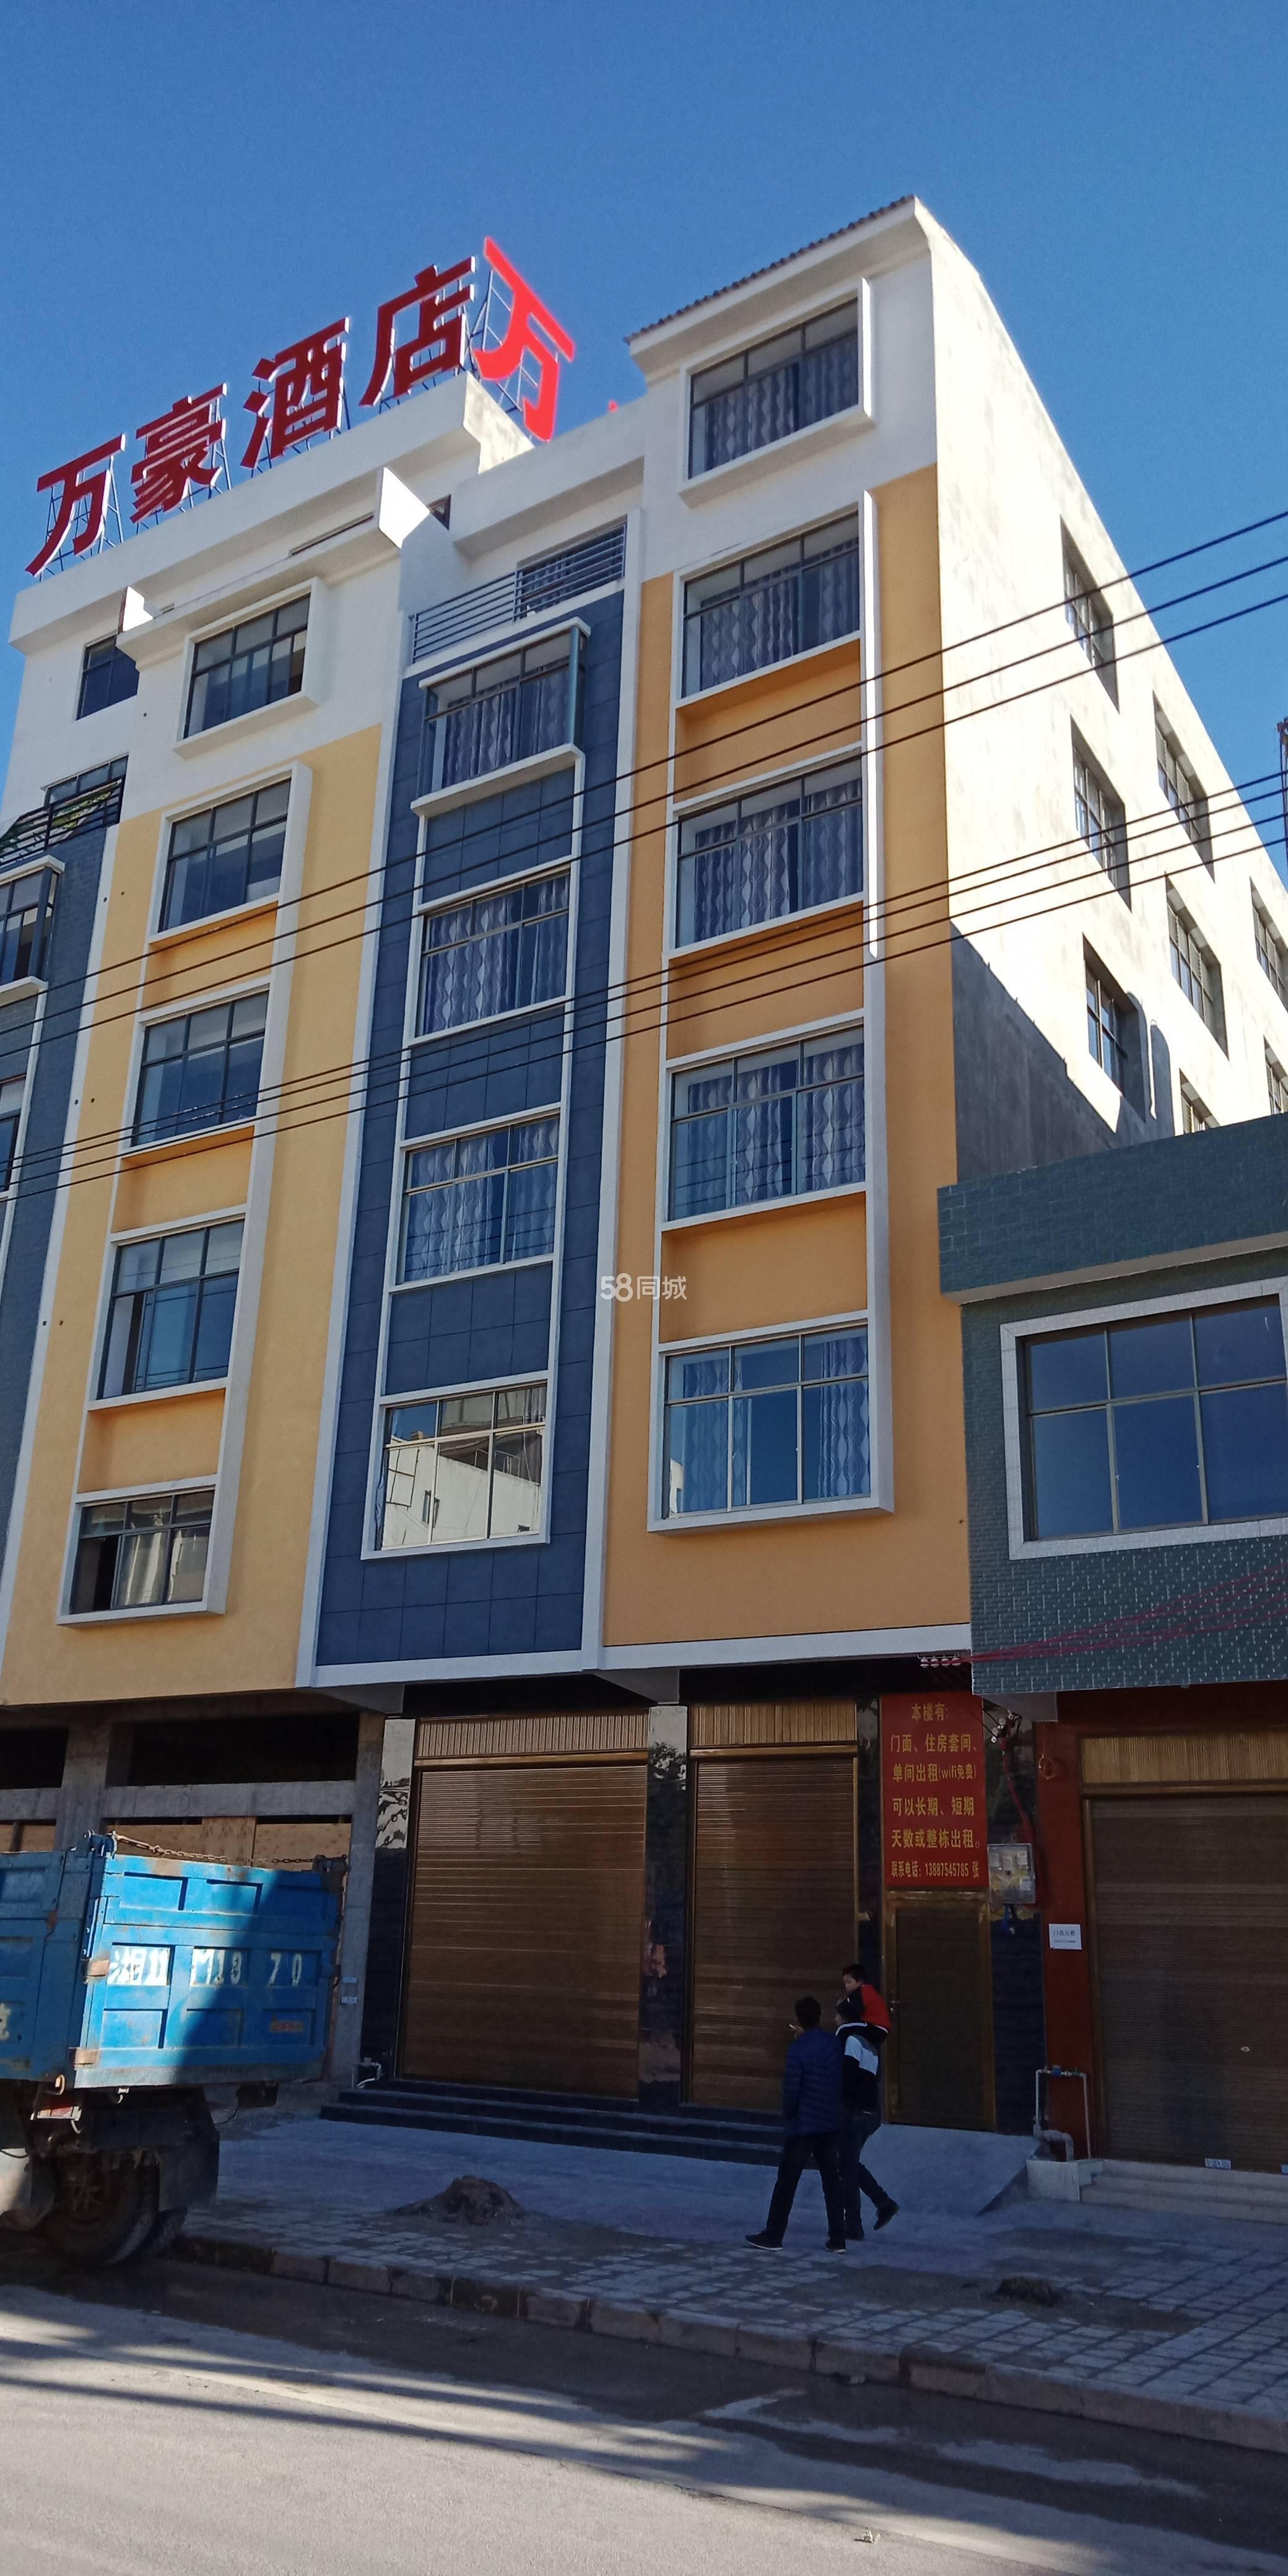 澳门拉斯维加斯赌场客运站对面万豪酒店隔壁1室1厅1卫